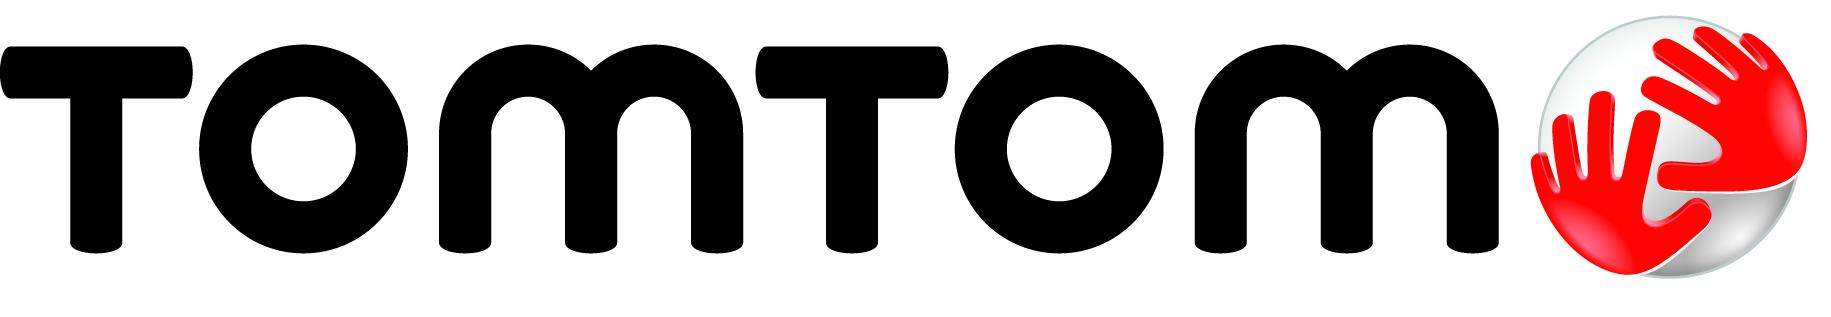 TomTom_CMYK_logo